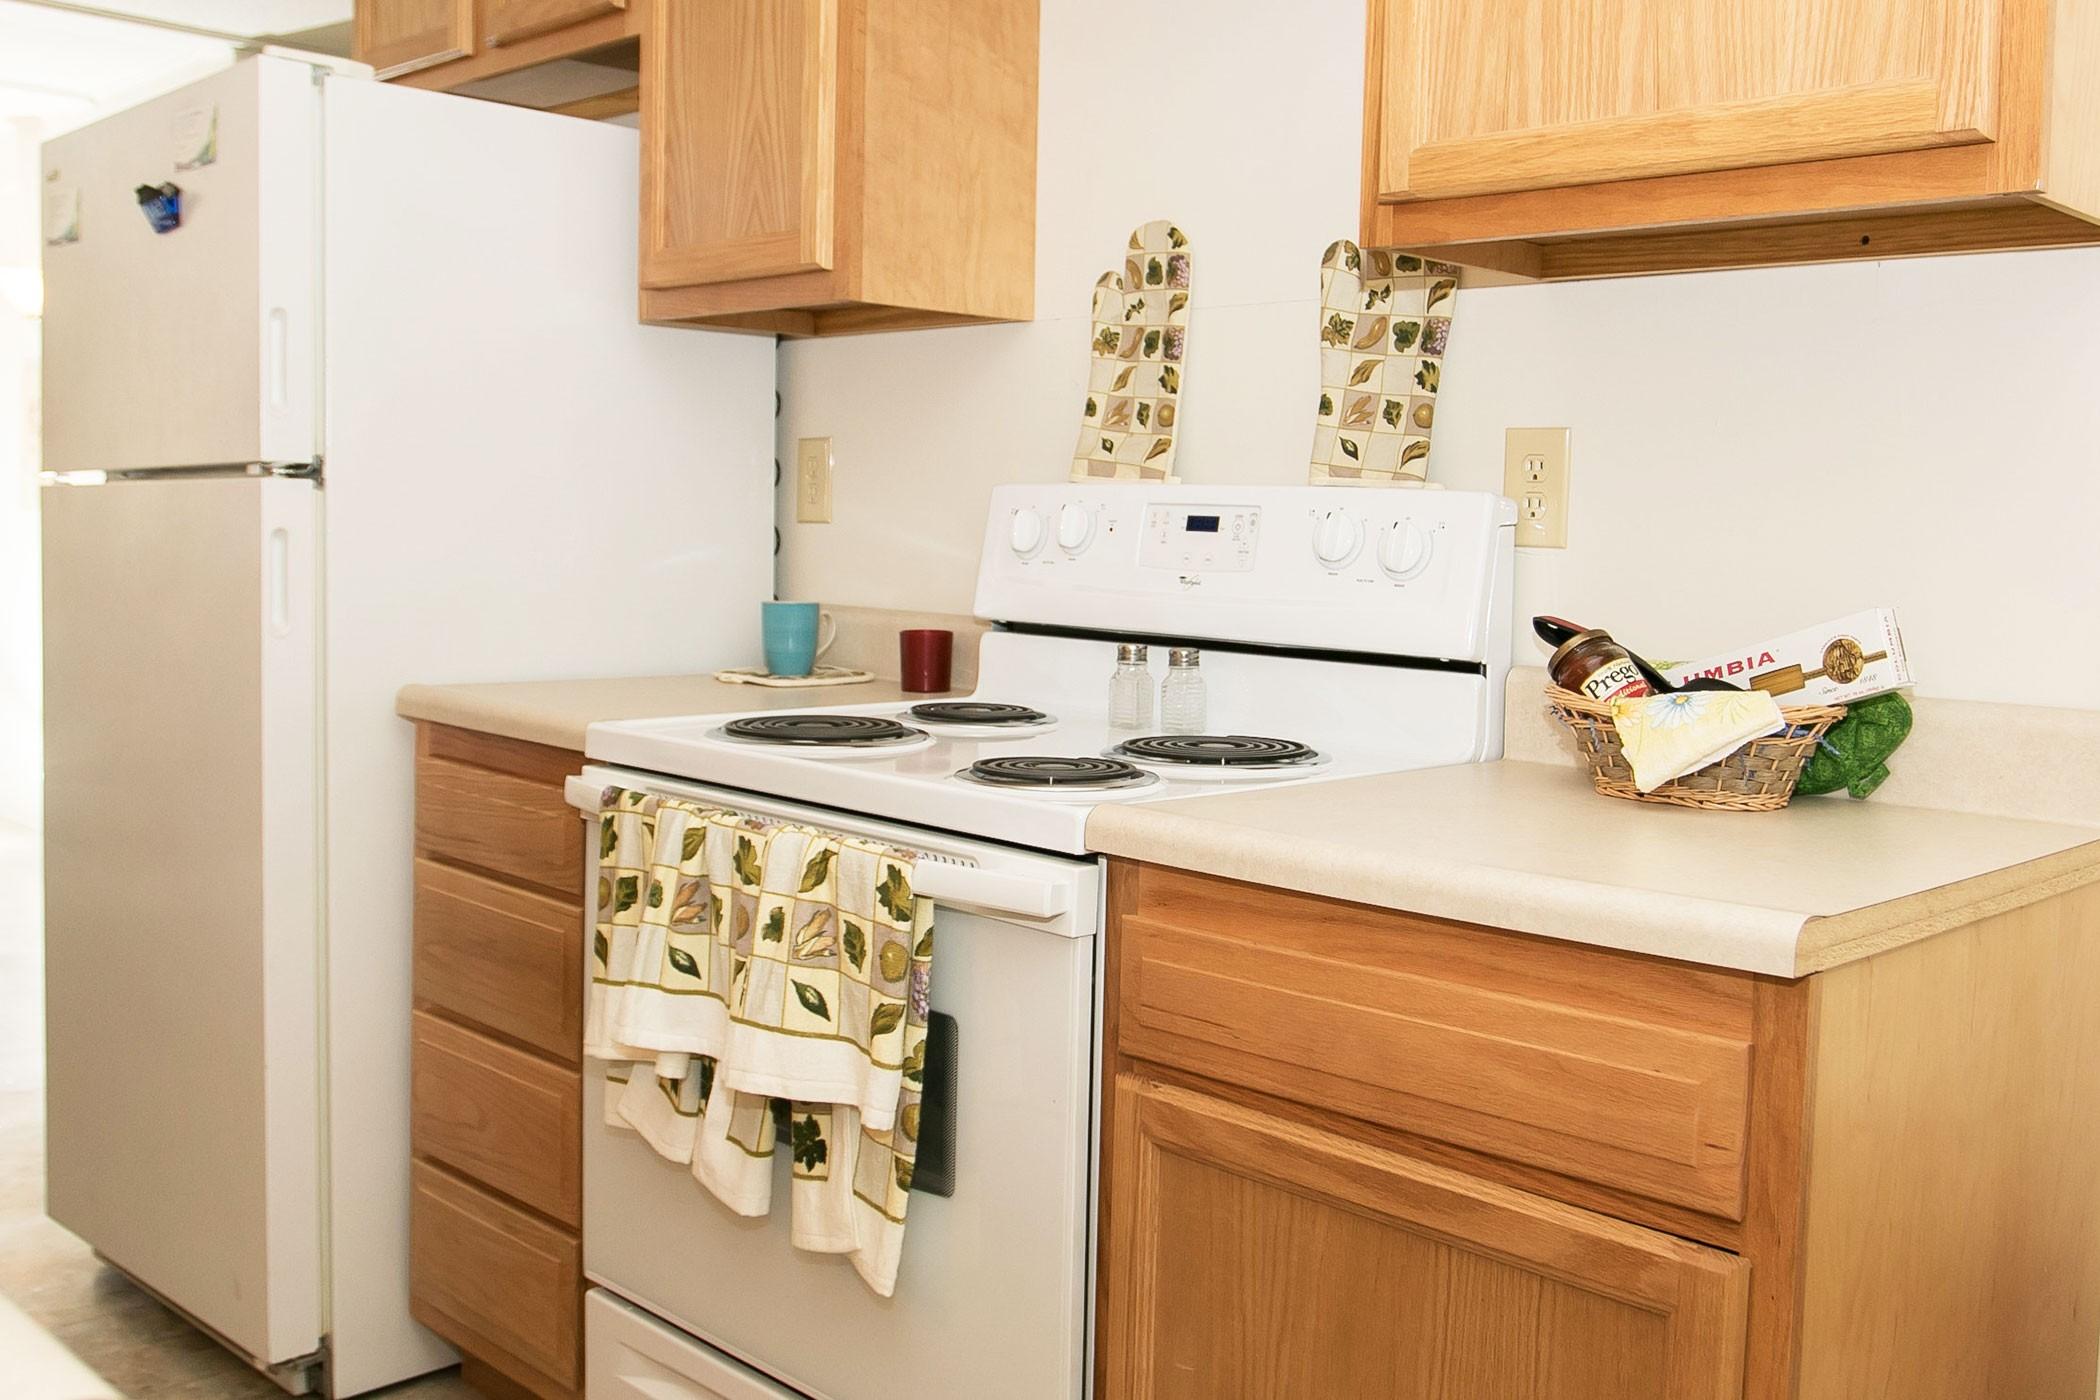 Saratoga Place Apartments